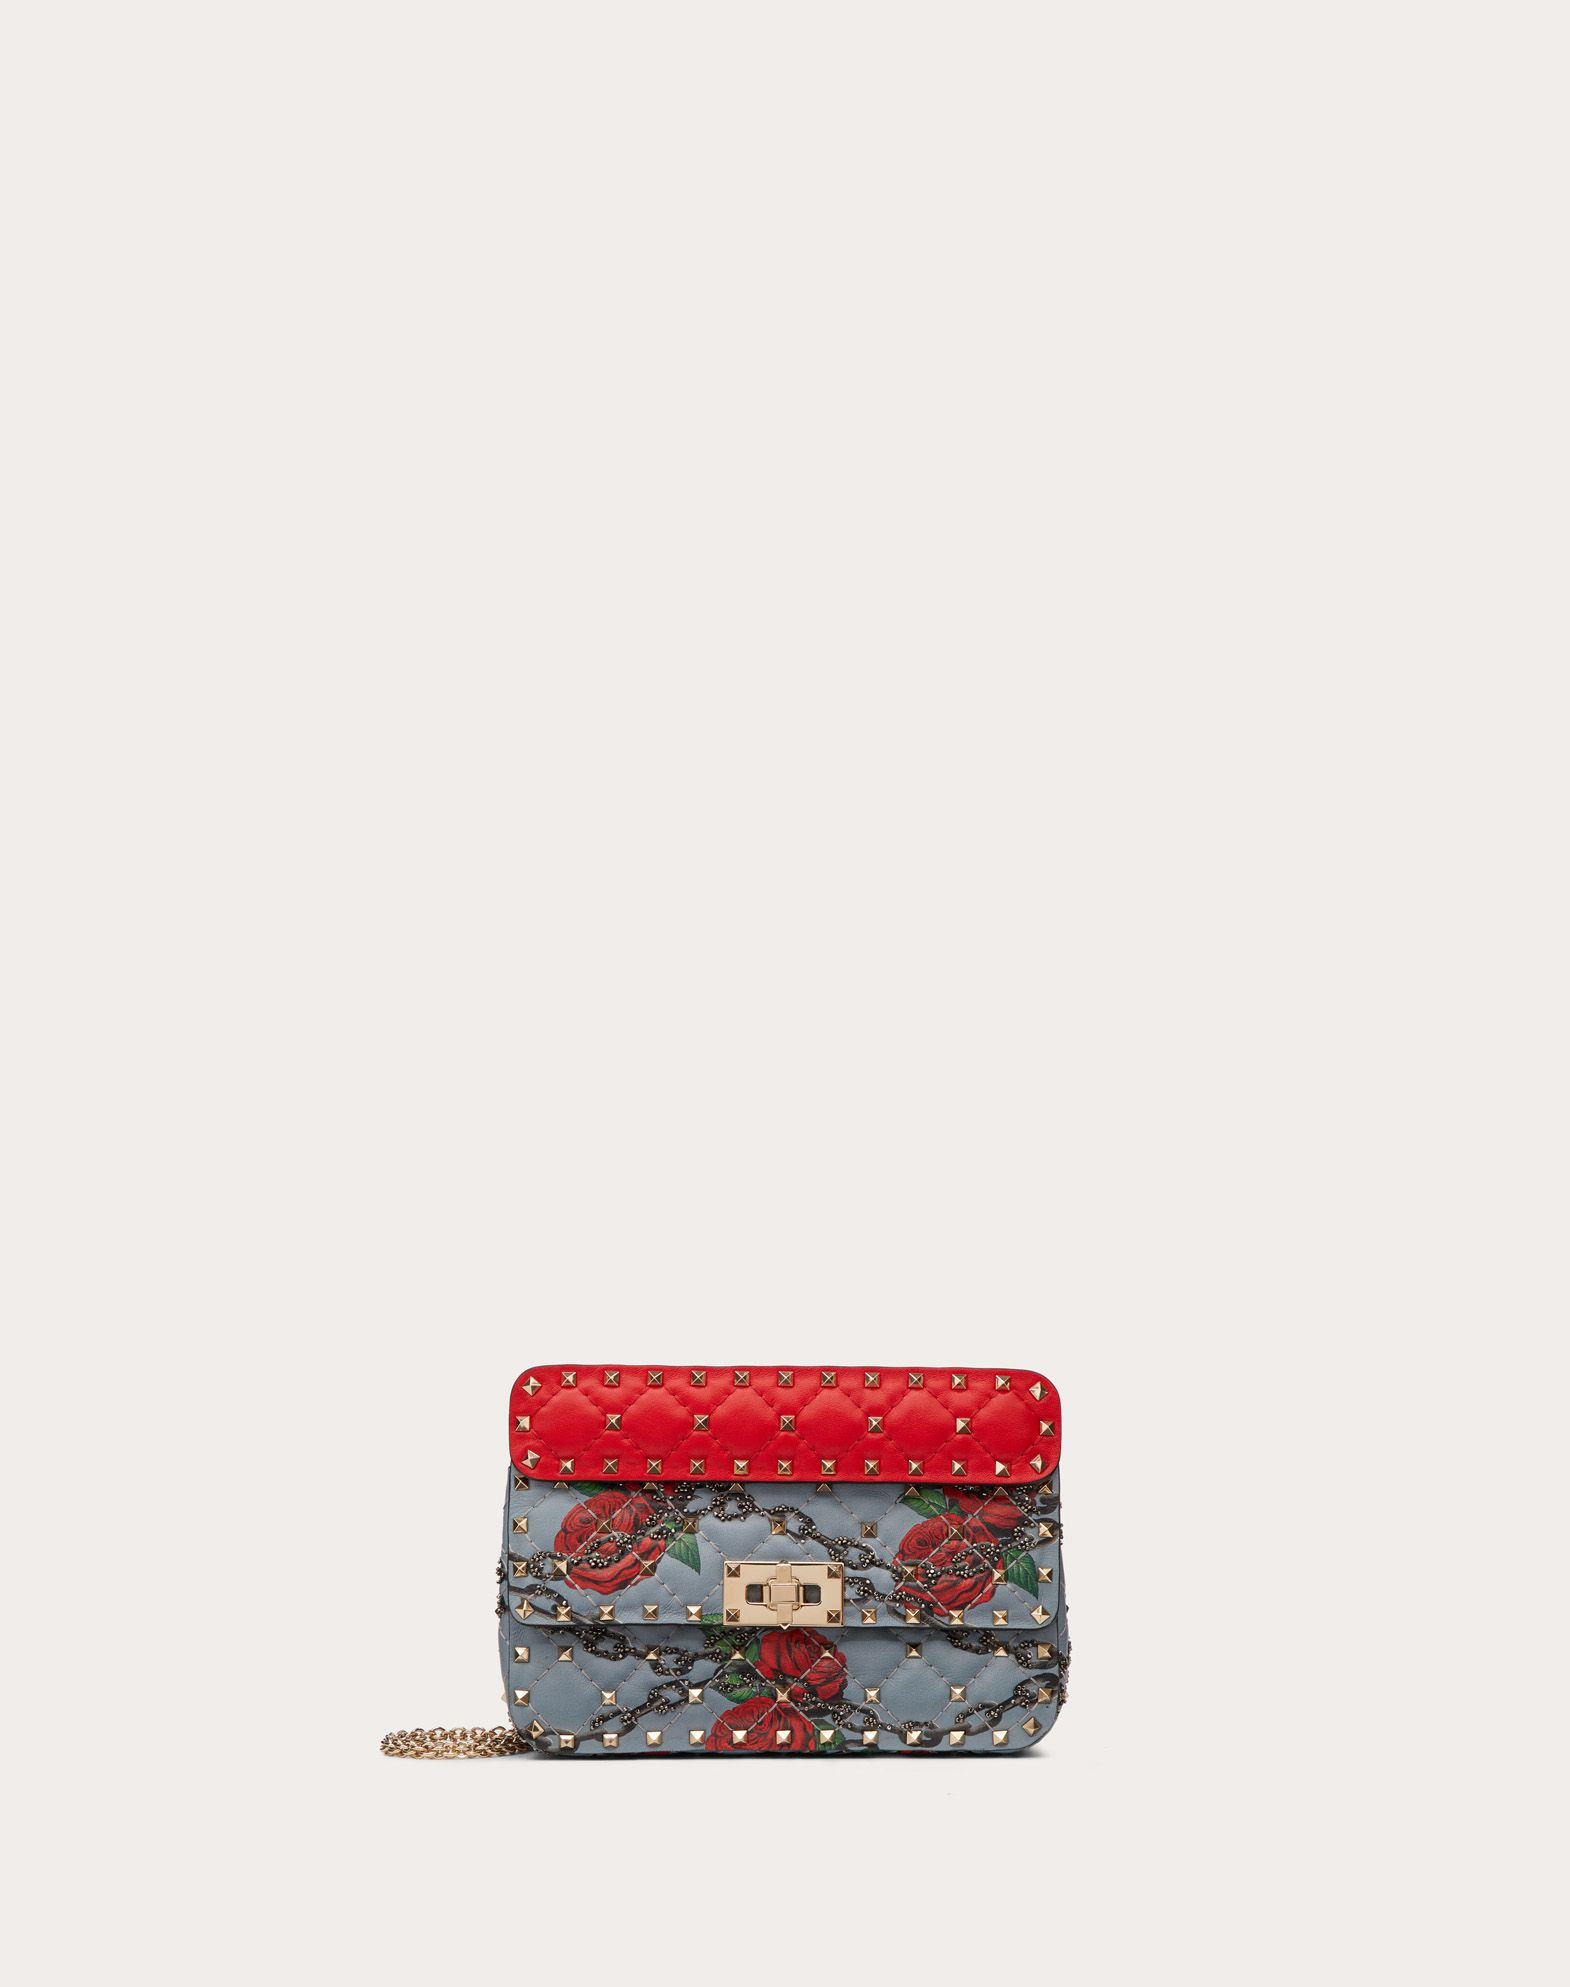 Small Valentino Garavani Undercover Spike.It Chain Bag